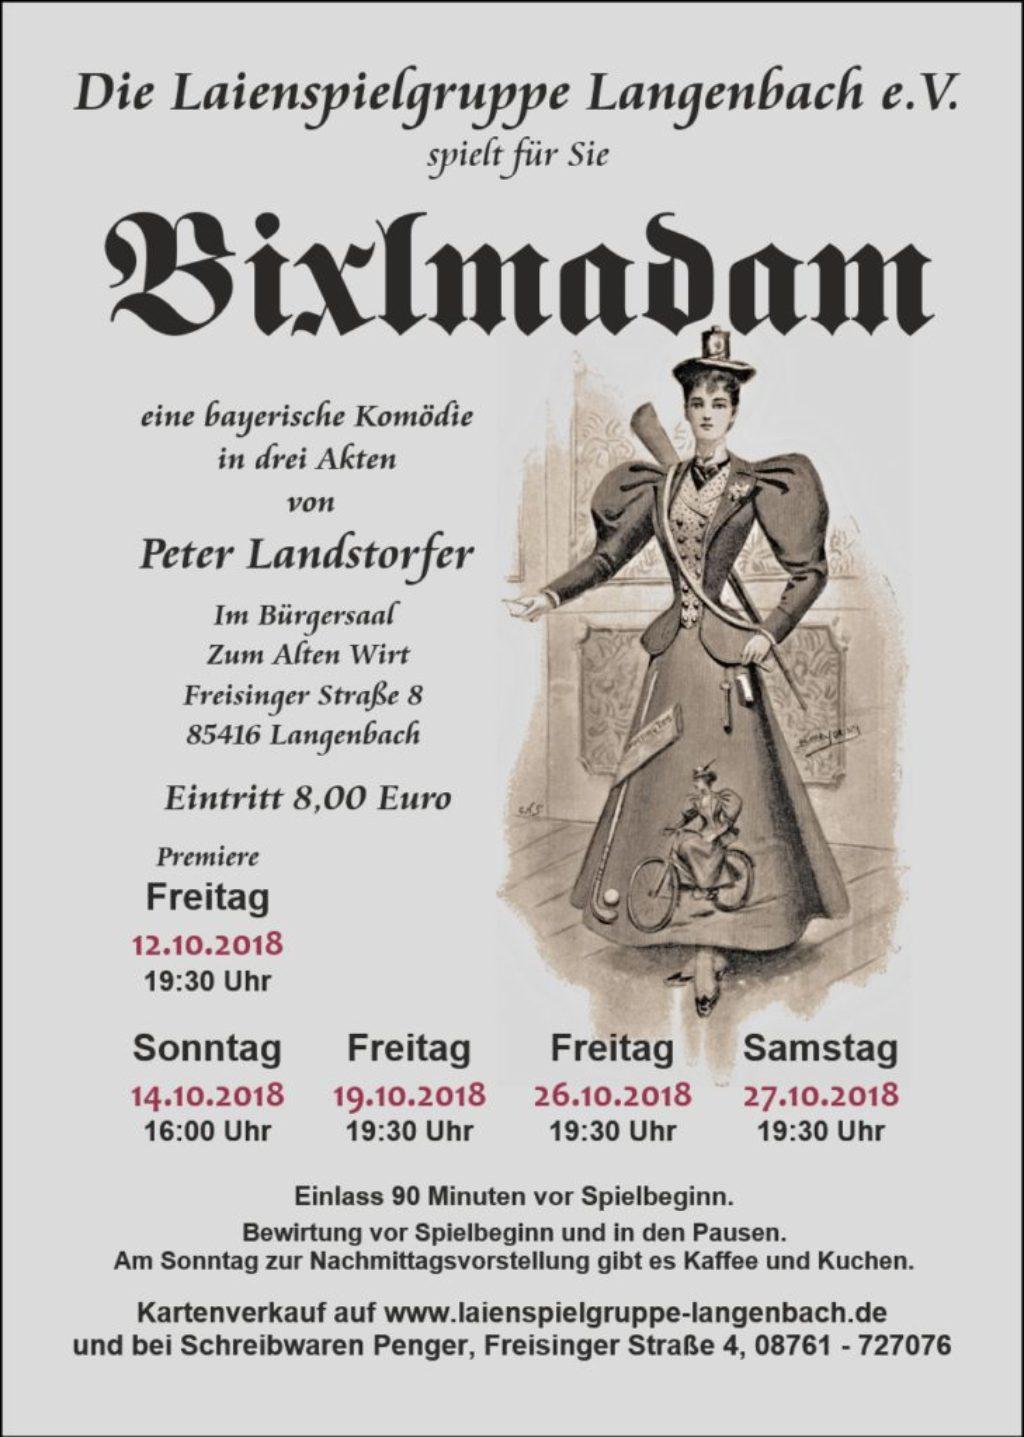 2018-08-07 Bixlmadam Flyer